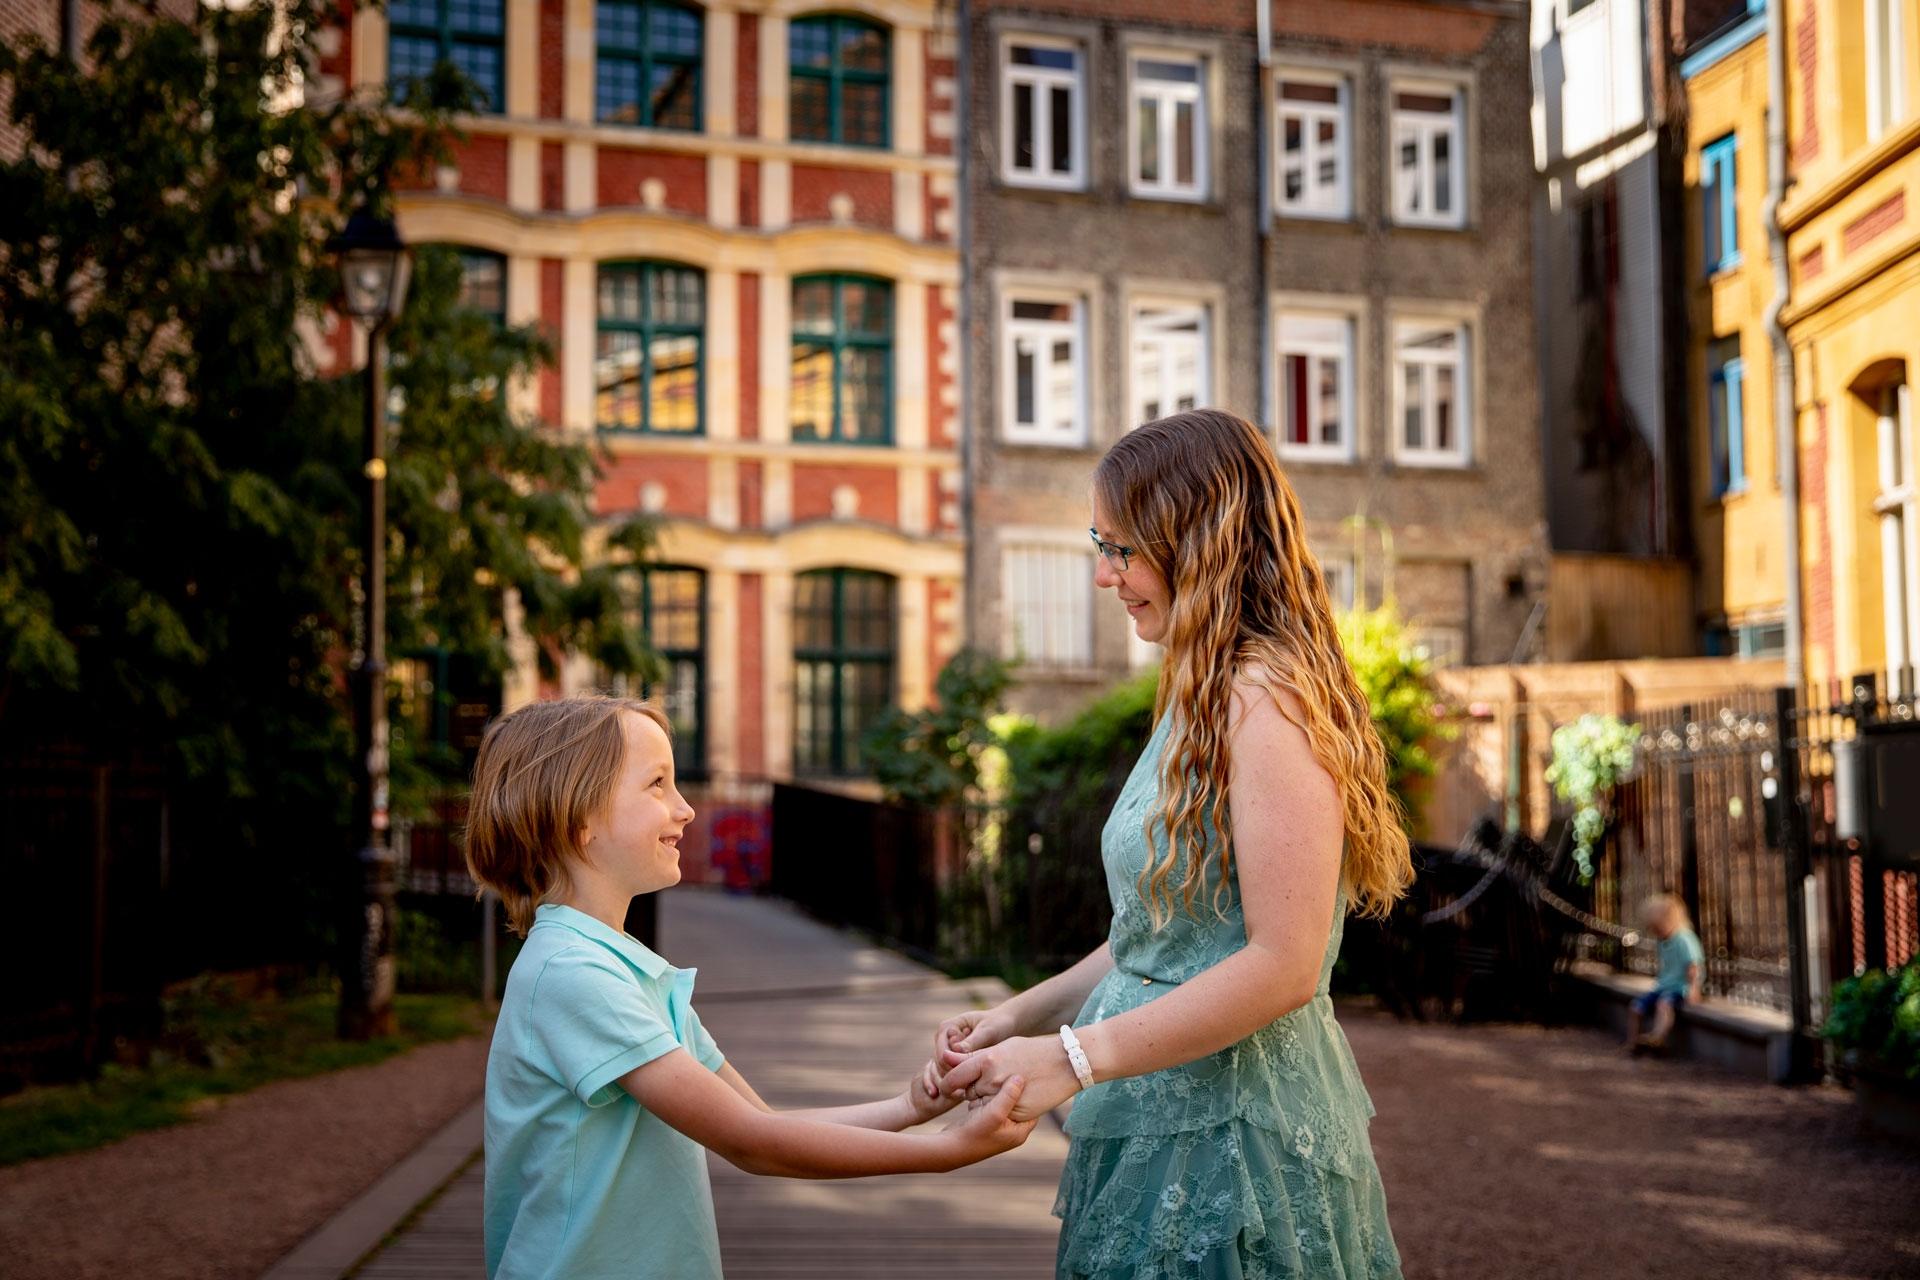 particuliers-portraits-engagement-famille-deltenre-2020-24